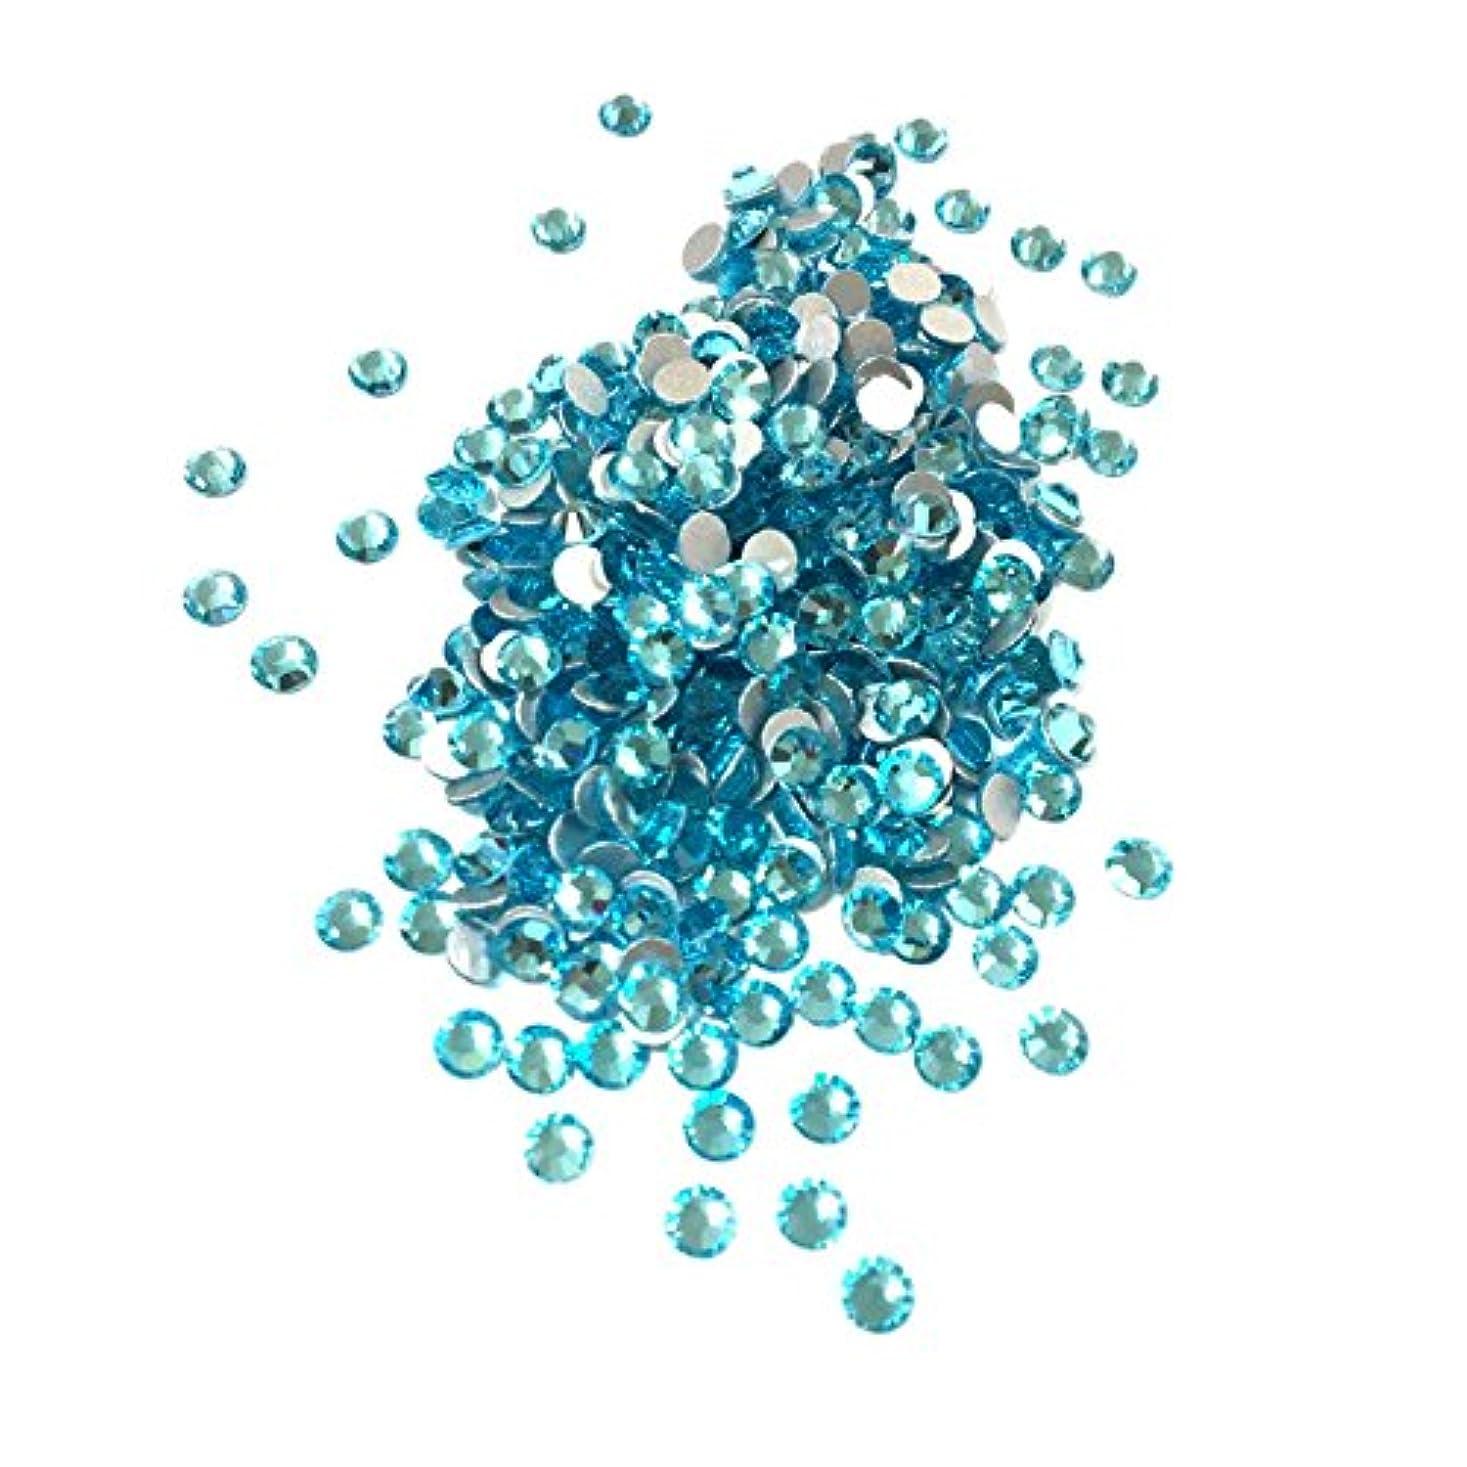 なめらか優しさ挑む【ネイルウーマン】最高品質ガラスストーン!スワロ同等の輝き! アクアマリン 水色 ライトブルー (約100粒入り) (SS8, アクアマリン)